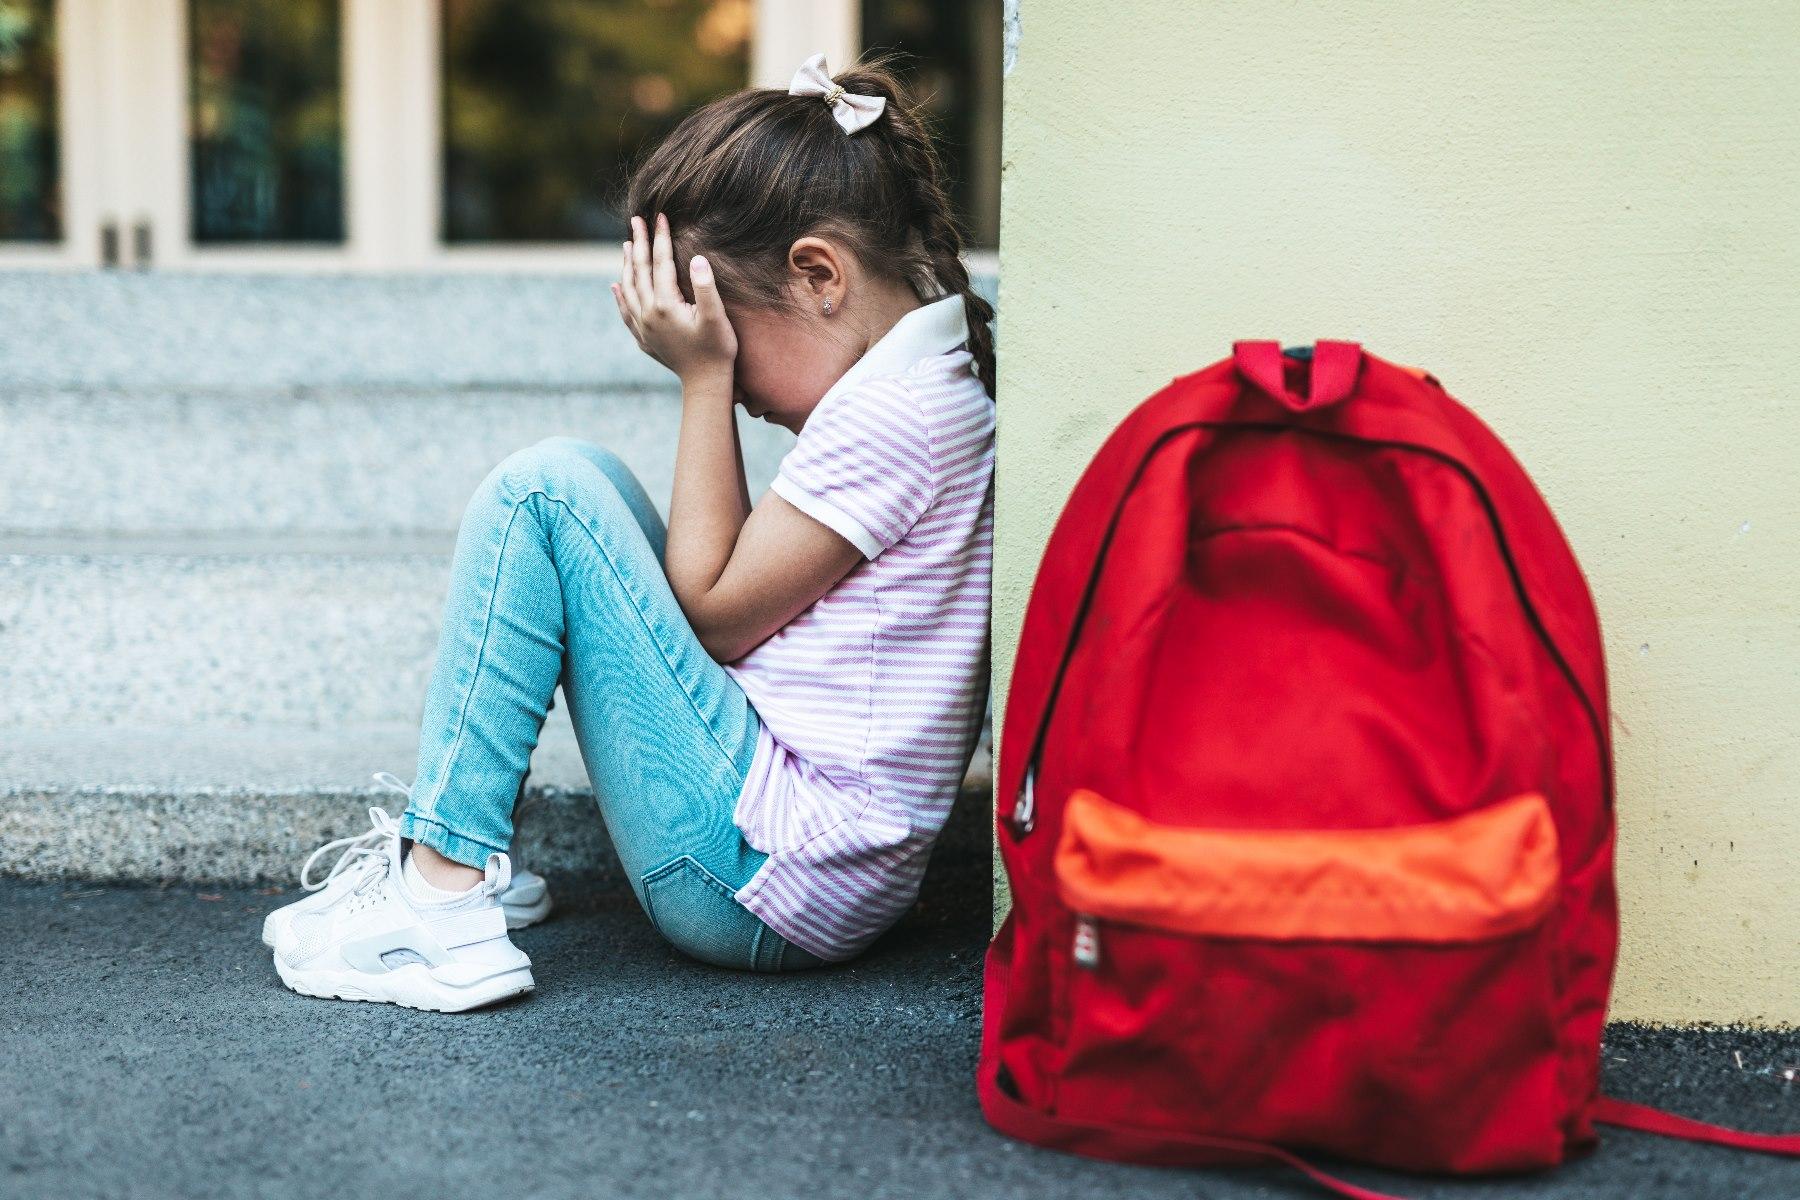 Beschlussantrag | Gewalt im Schulalltag erheben